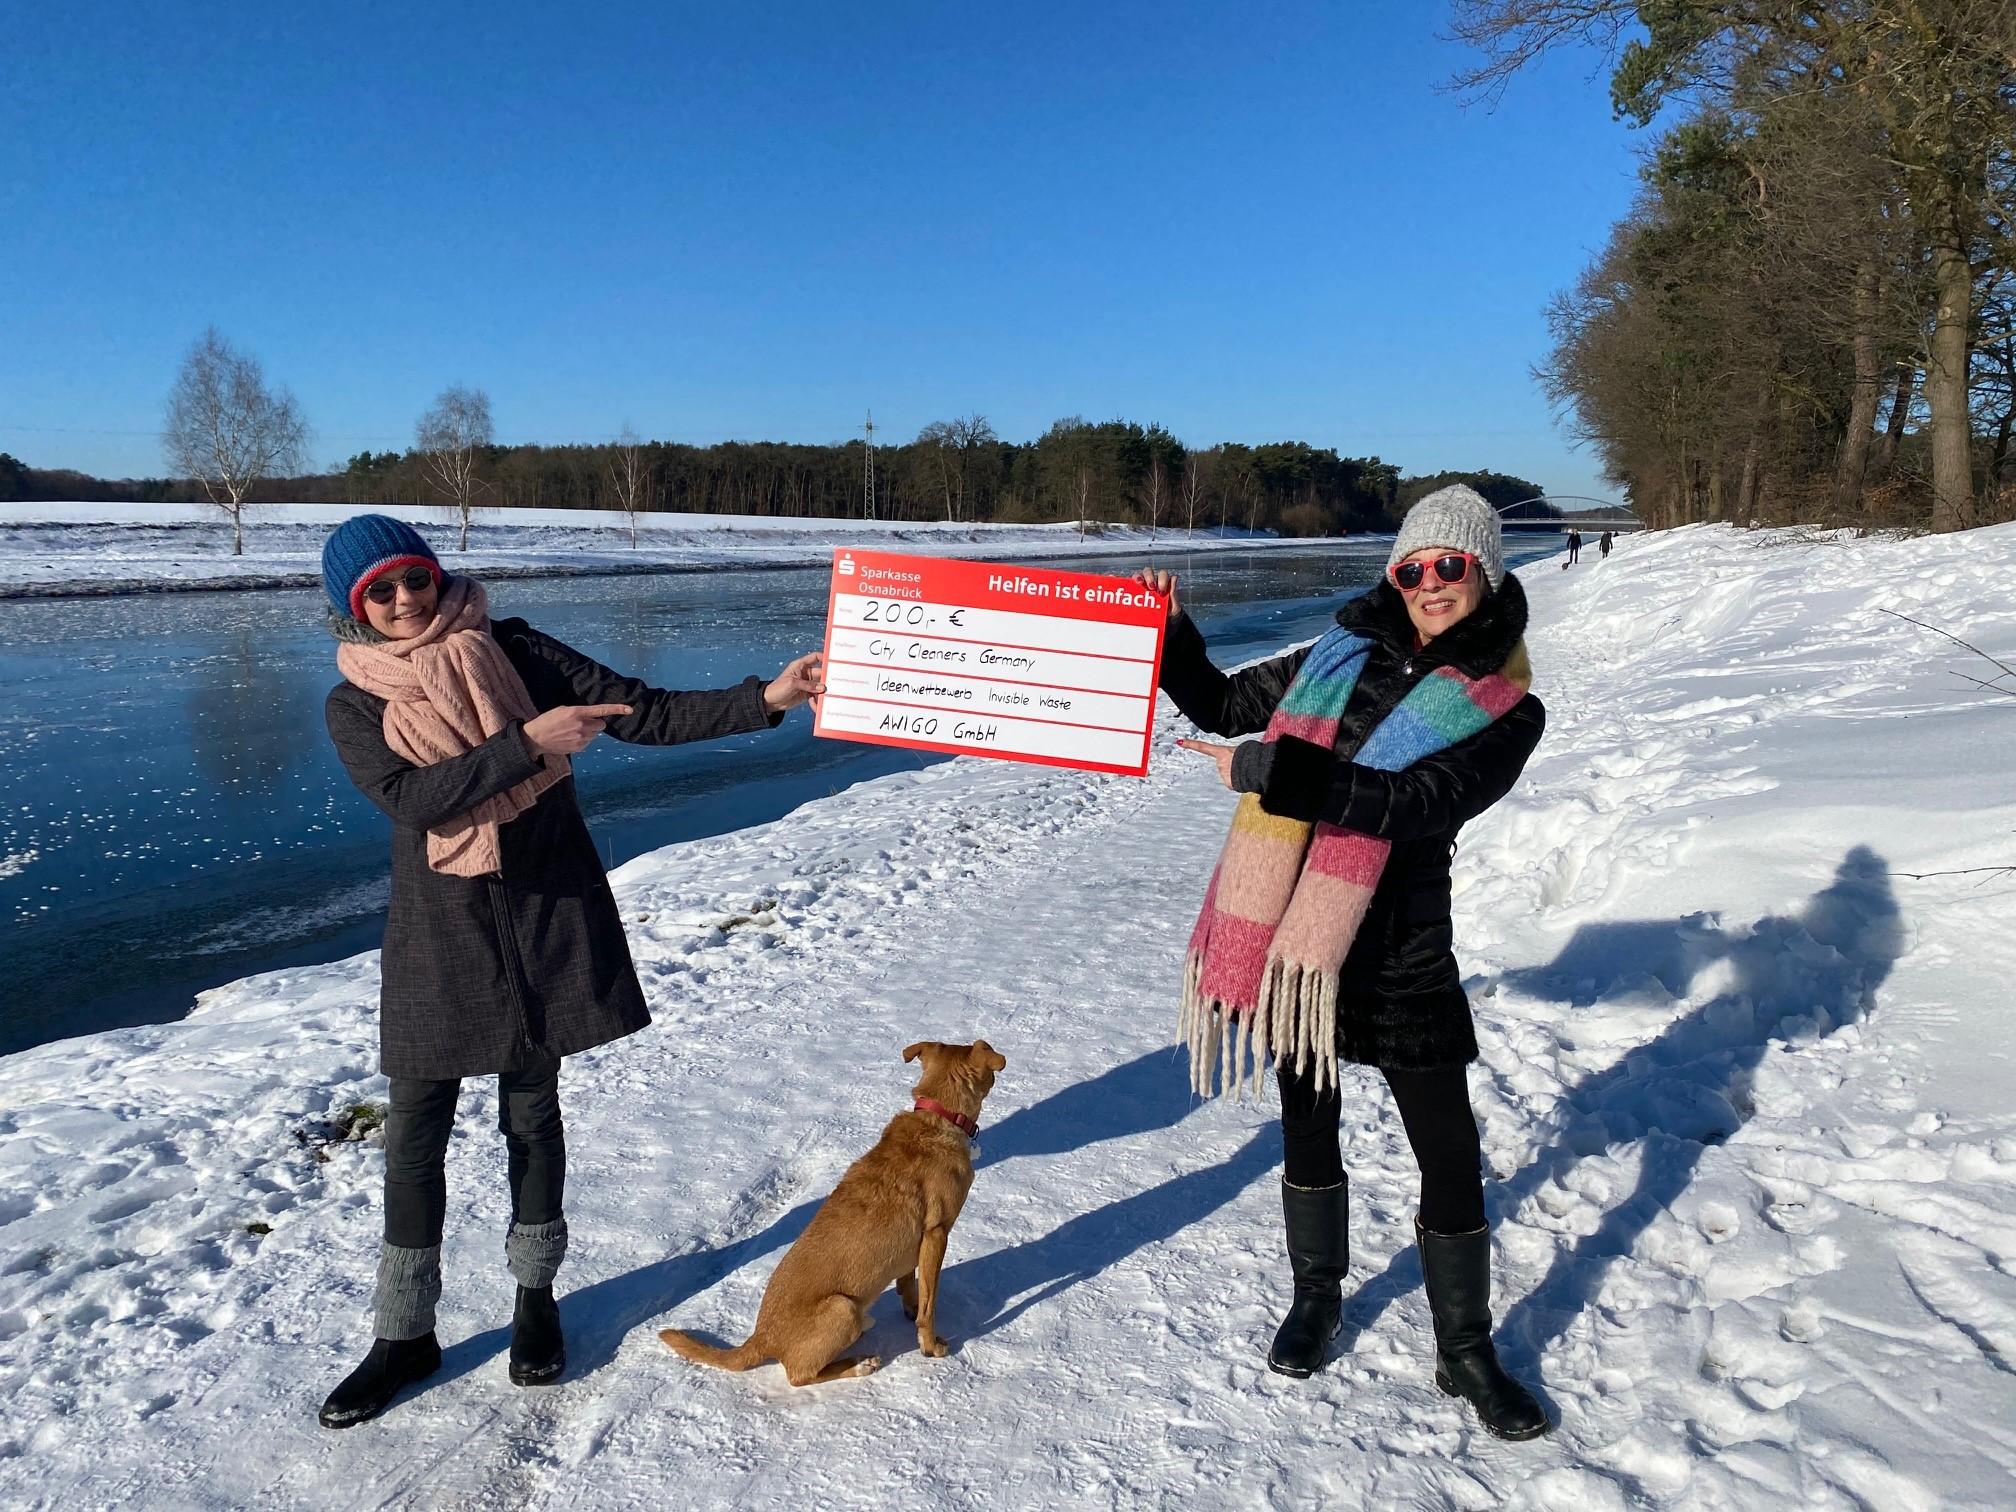 Am Kanal in Wallenhorst, einer ihrer Hauptsammelstrecken von achtlos weggeworfenem Müll, nahmen (v.l.n.r.) Barbara Schwermann, Hund Ronny und Birgit Schad für die City Cleaners Germany den Scheck über das Preisgeld entgegen.